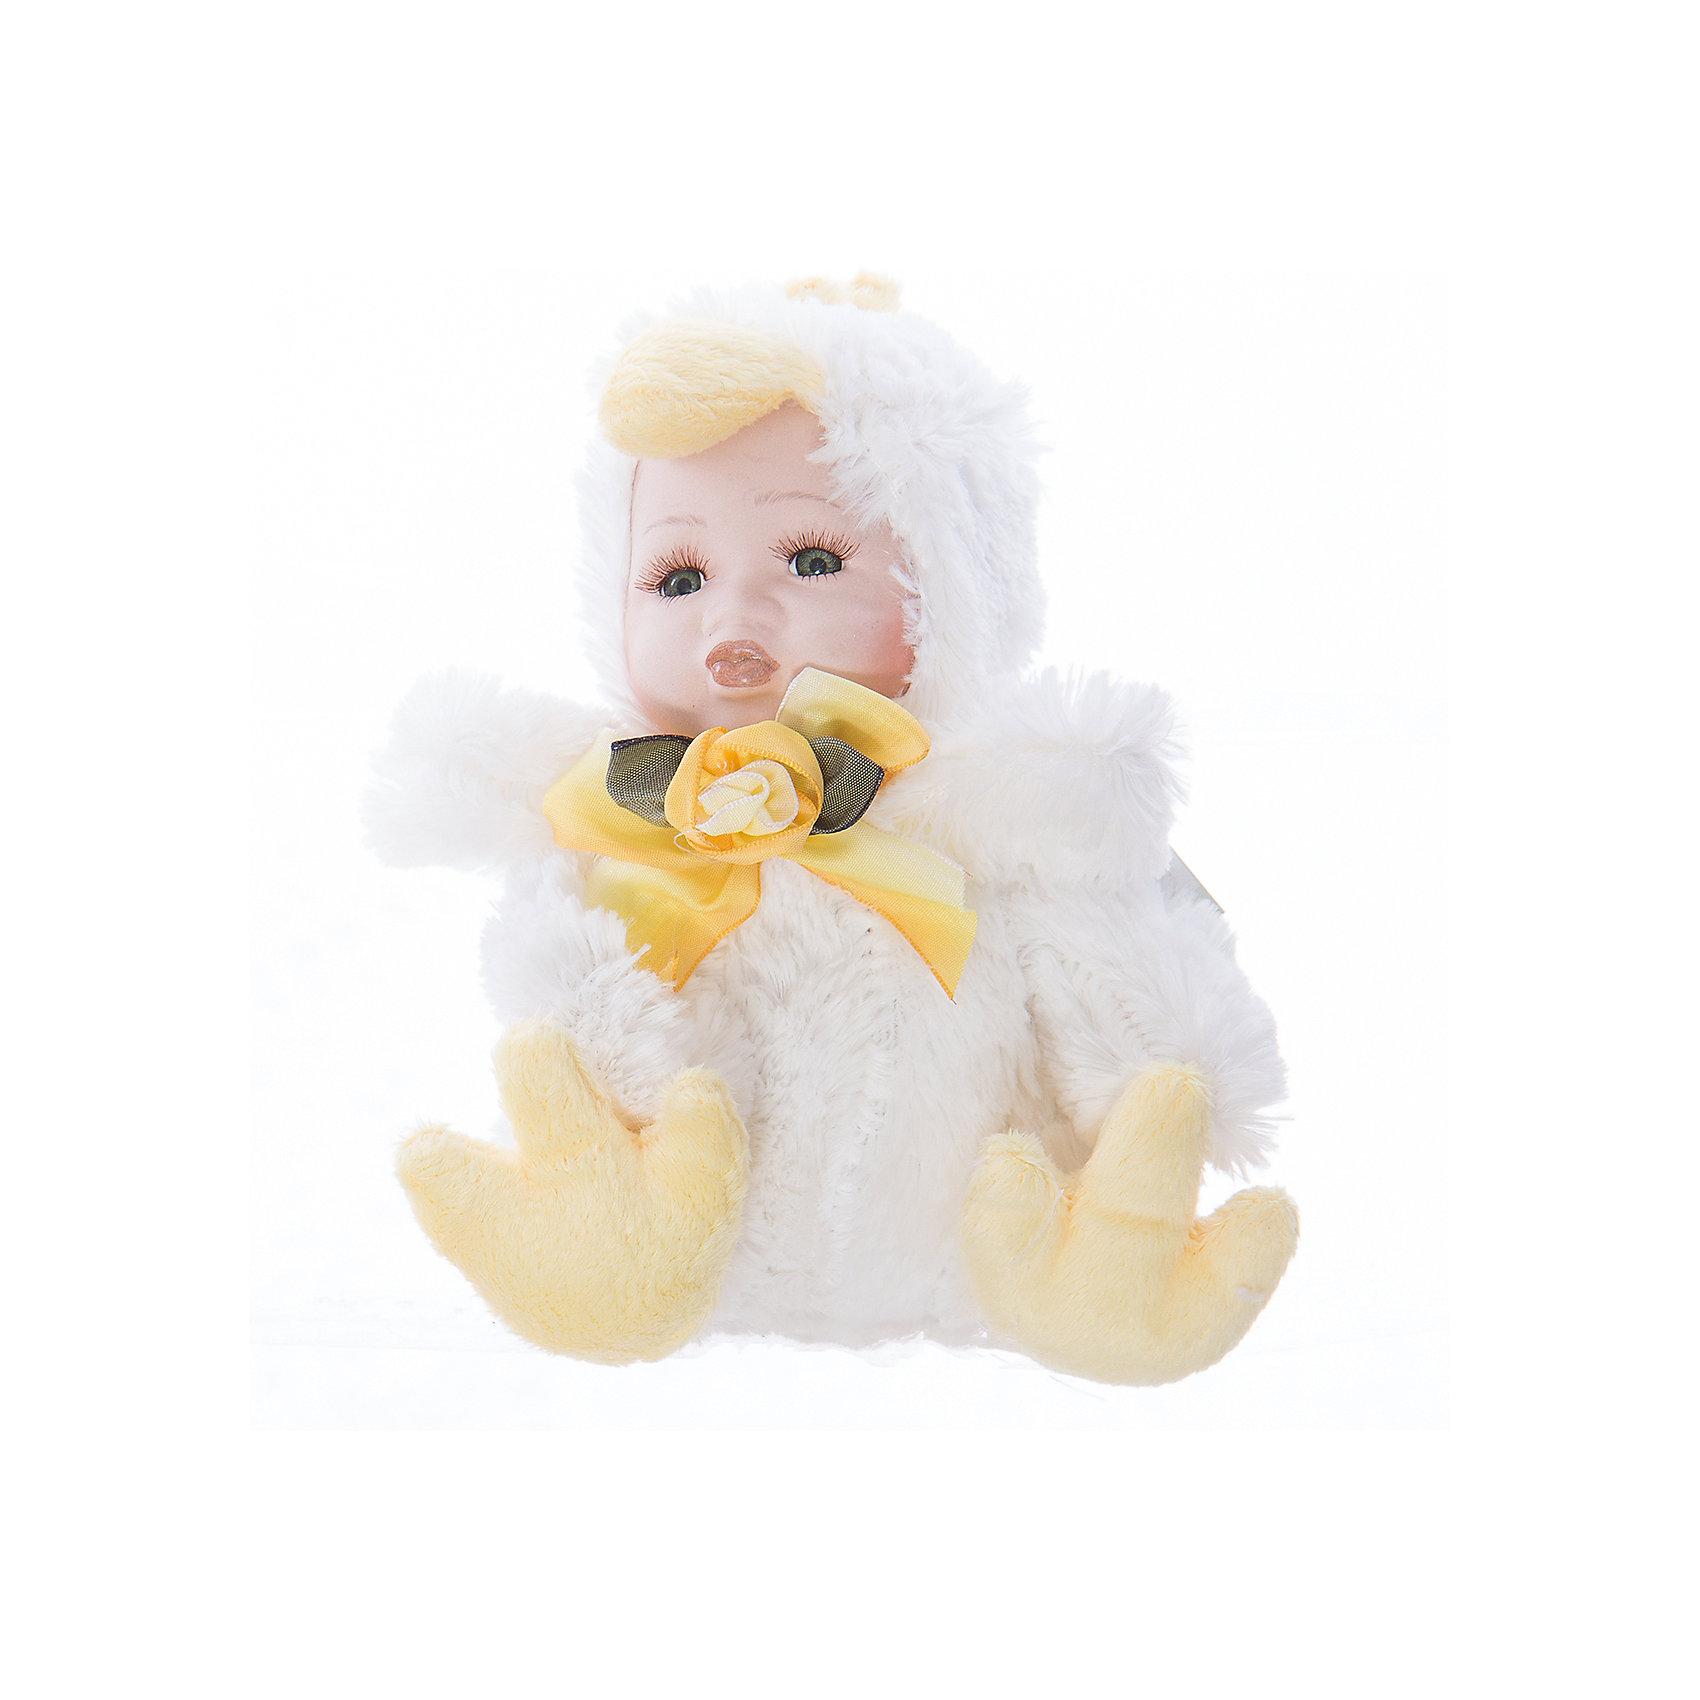 Интерьерная кукла Цыпленок C21-108053B, EstroХарактеристики интерьерной куклы:<br><br>- состав: полиэстер, керамика<br>- габариты предмета: 25* 10 *15 см <br>- комплектация: игрушка<br>- тип игрушки: фигурка<br>- вид упаковки: коробка<br>- возрастные ограничения: 3+<br>- бренд: Estro <br>- страна бренда: Италия<br>- страна производитель: Китай<br><br>Интерьерная кукла торговой марки Estro будет лучшим украшением Вашего дома и самый теплый подарок тем, кого Вы любите. Игрушка изготовлена из качественных материалов приятной расцветки. Ее внешний вид продуман до мелочей. <br><br>Интерьерную куклу цыпленок итальянской торговой марки Estro можно купить в нашем интернет-магазине.<br><br>Ширина мм: 100<br>Глубина мм: 150<br>Высота мм: 250<br>Вес г: 132<br>Возраст от месяцев: 36<br>Возраст до месяцев: 1188<br>Пол: Женский<br>Возраст: Детский<br>SKU: 5356639